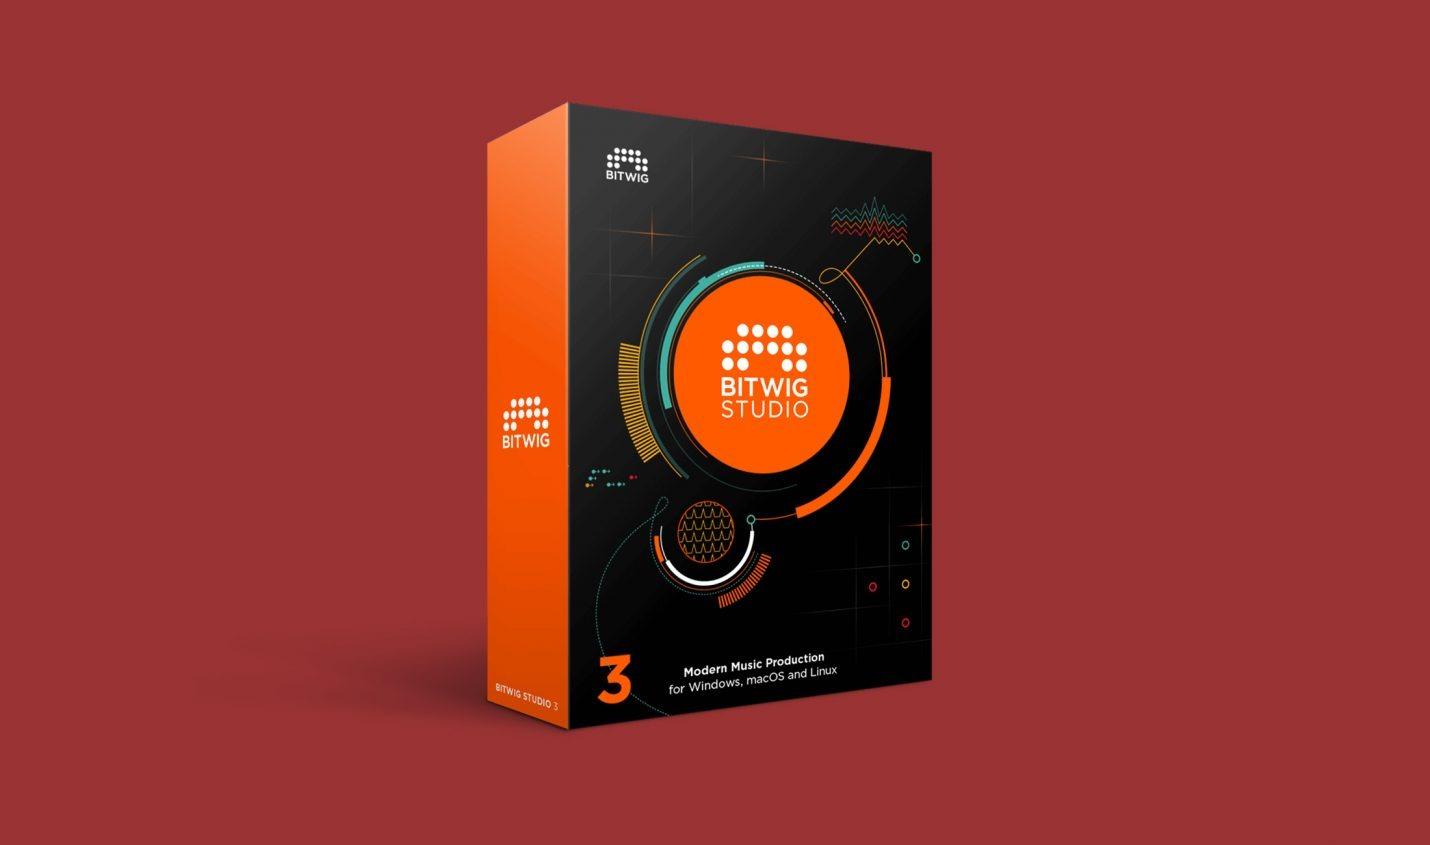 Verlosung: Bitwig Studio 3 zu gewinnen